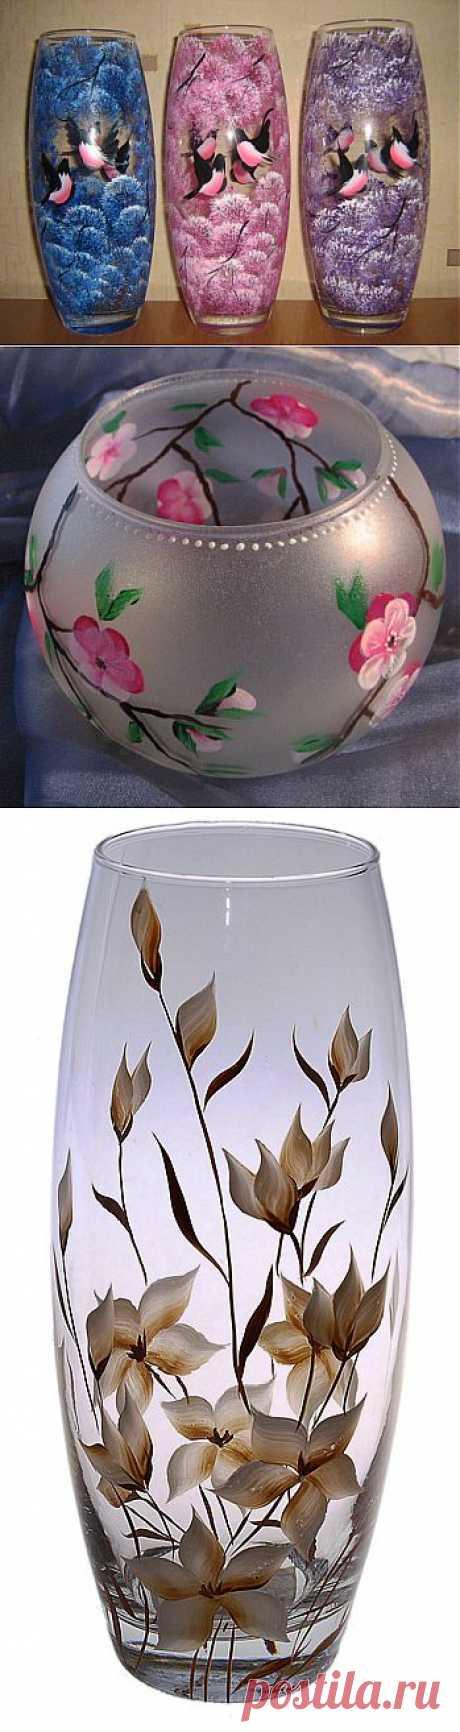 (+1) - Роспись стеклянных ваз своими руками | Интерьер и Дизайн